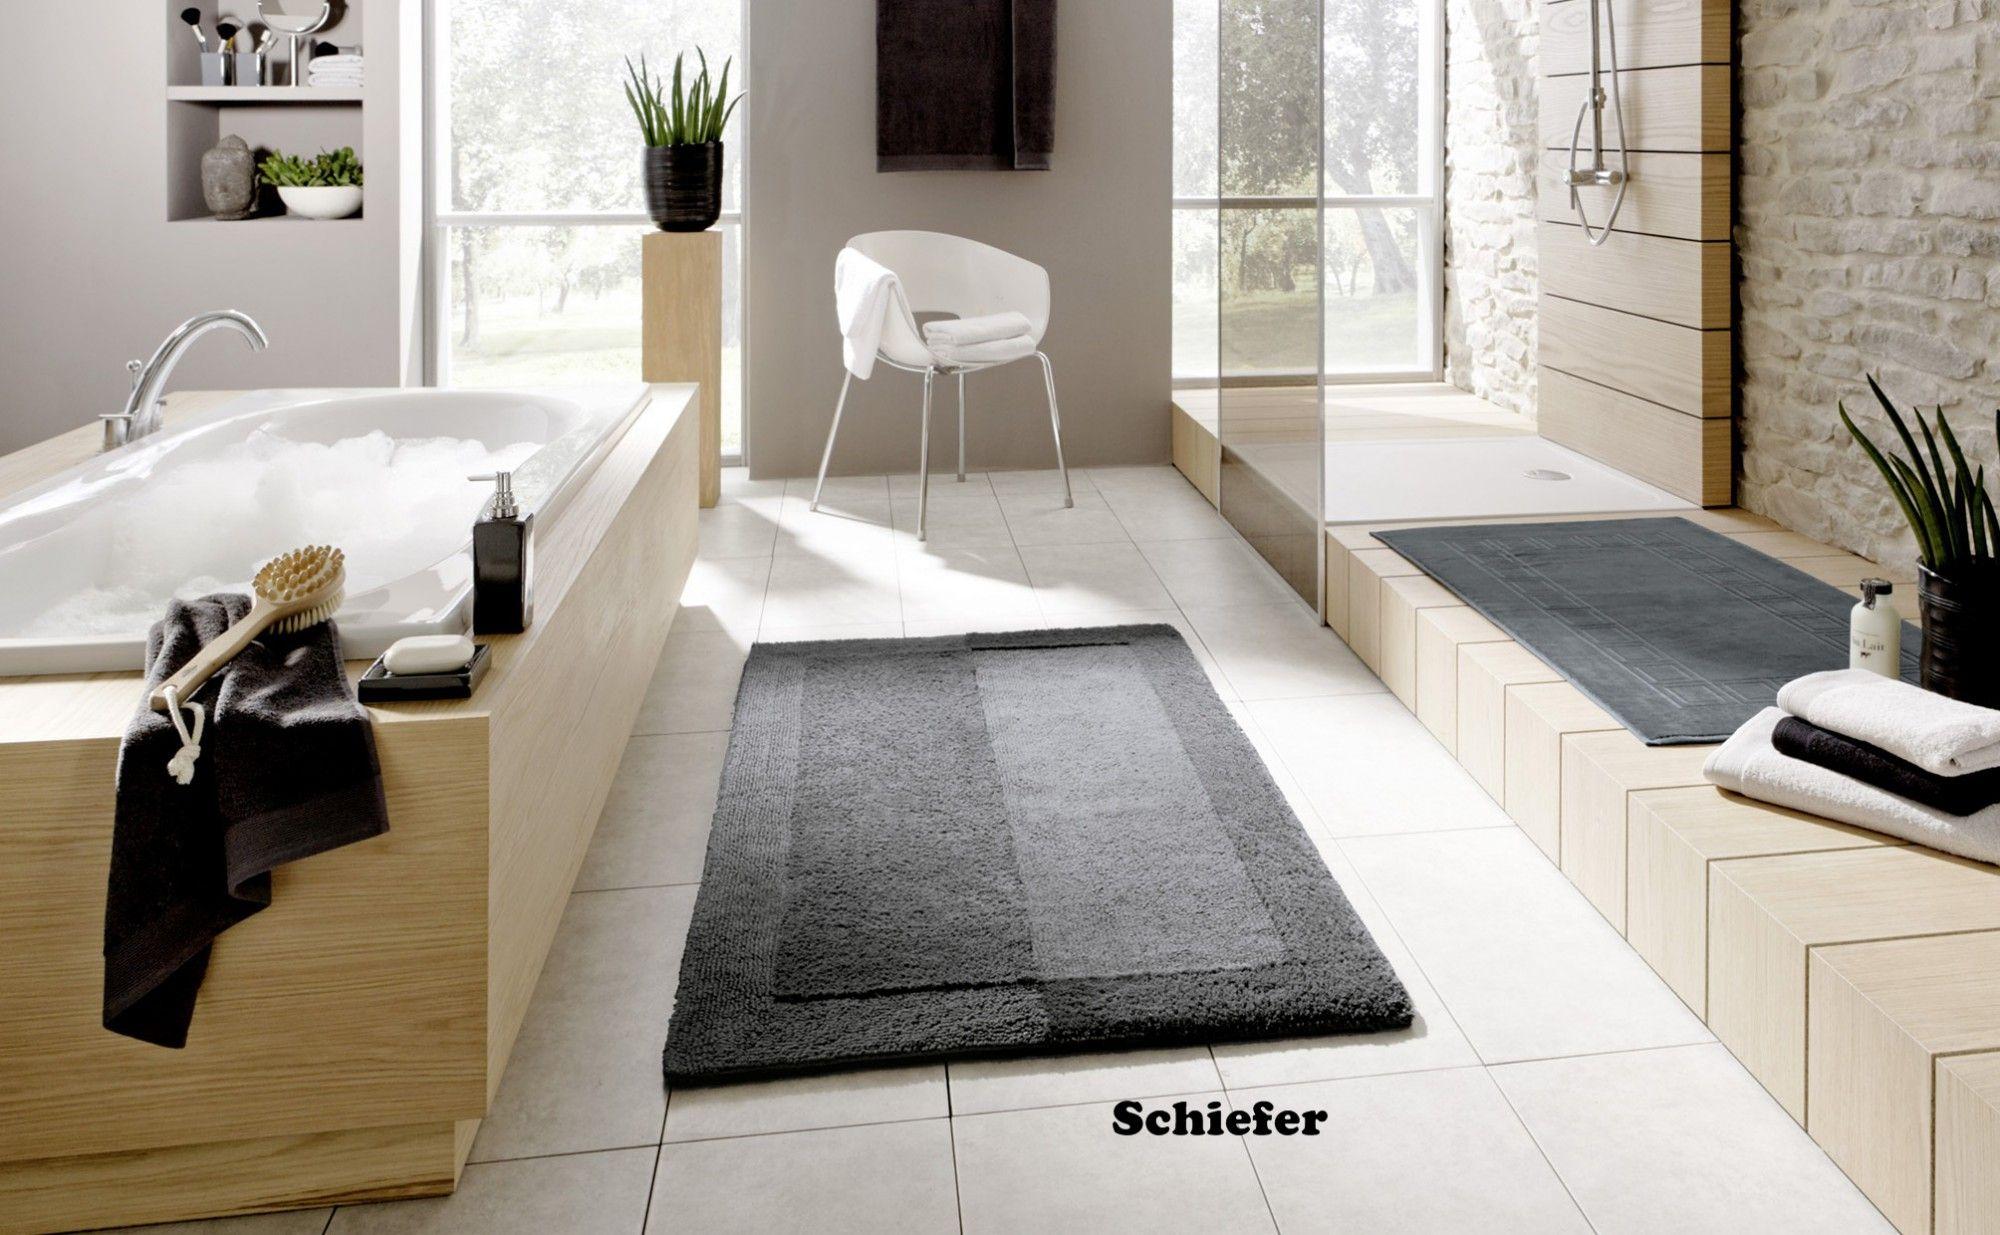 badteppich havanna von kleine wolke badezimmerwelten bad badteppich kleine wolke. Black Bedroom Furniture Sets. Home Design Ideas